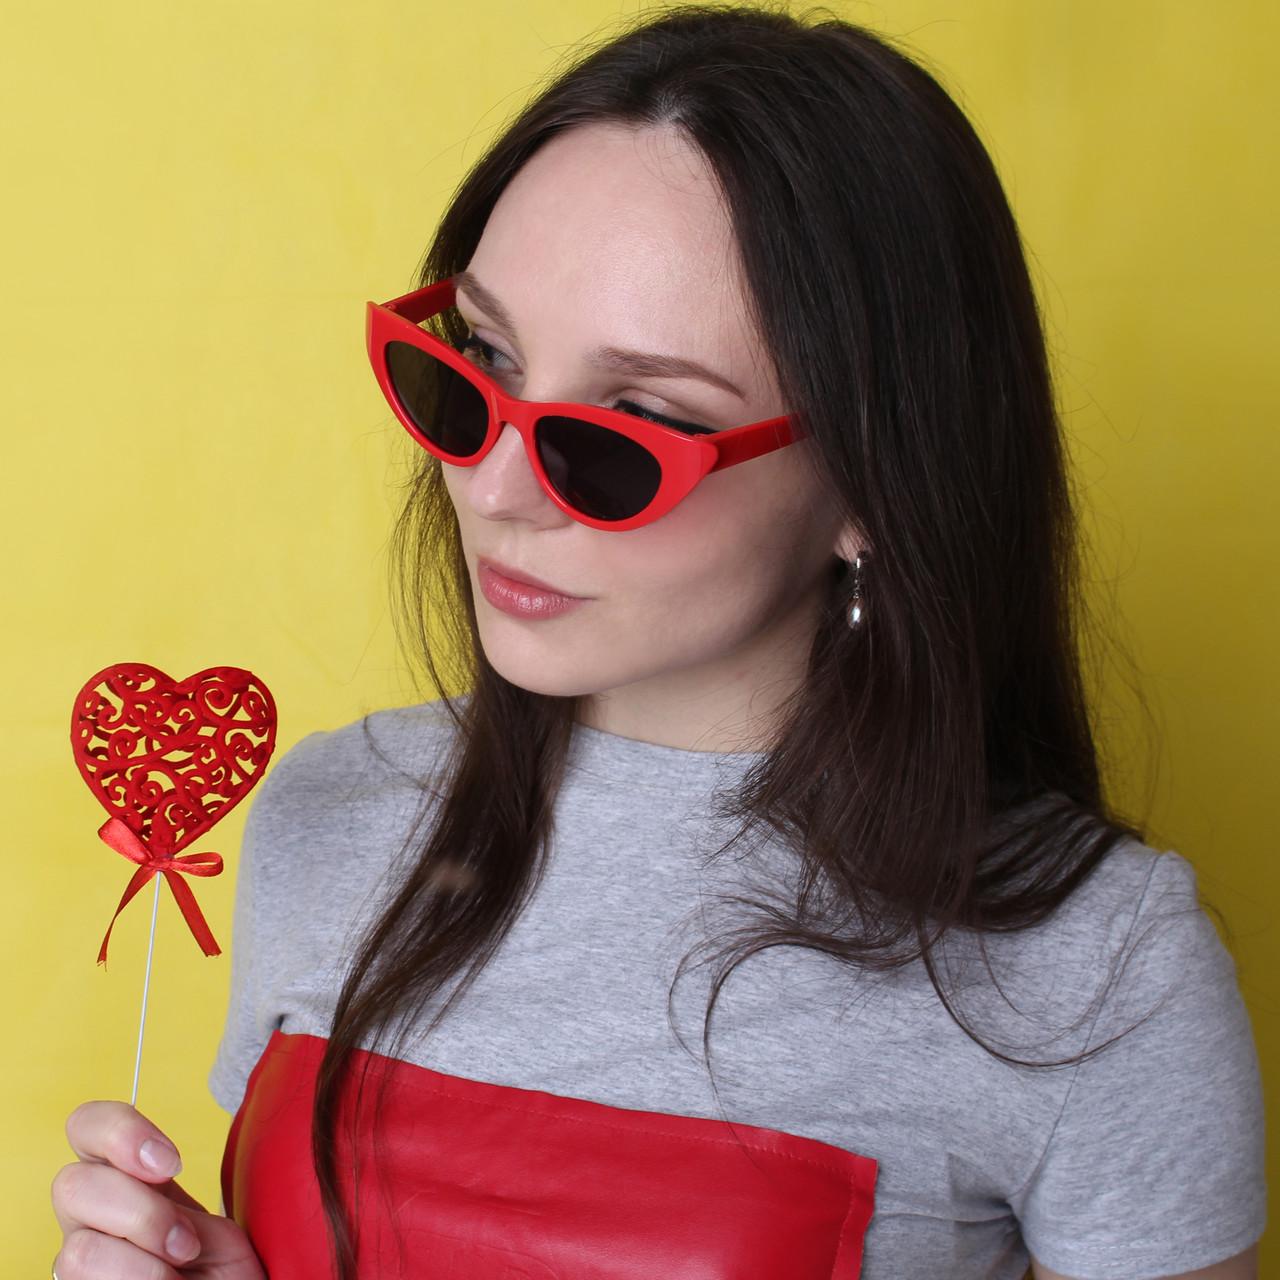 Модные солнцезащитные очки в красной оправе